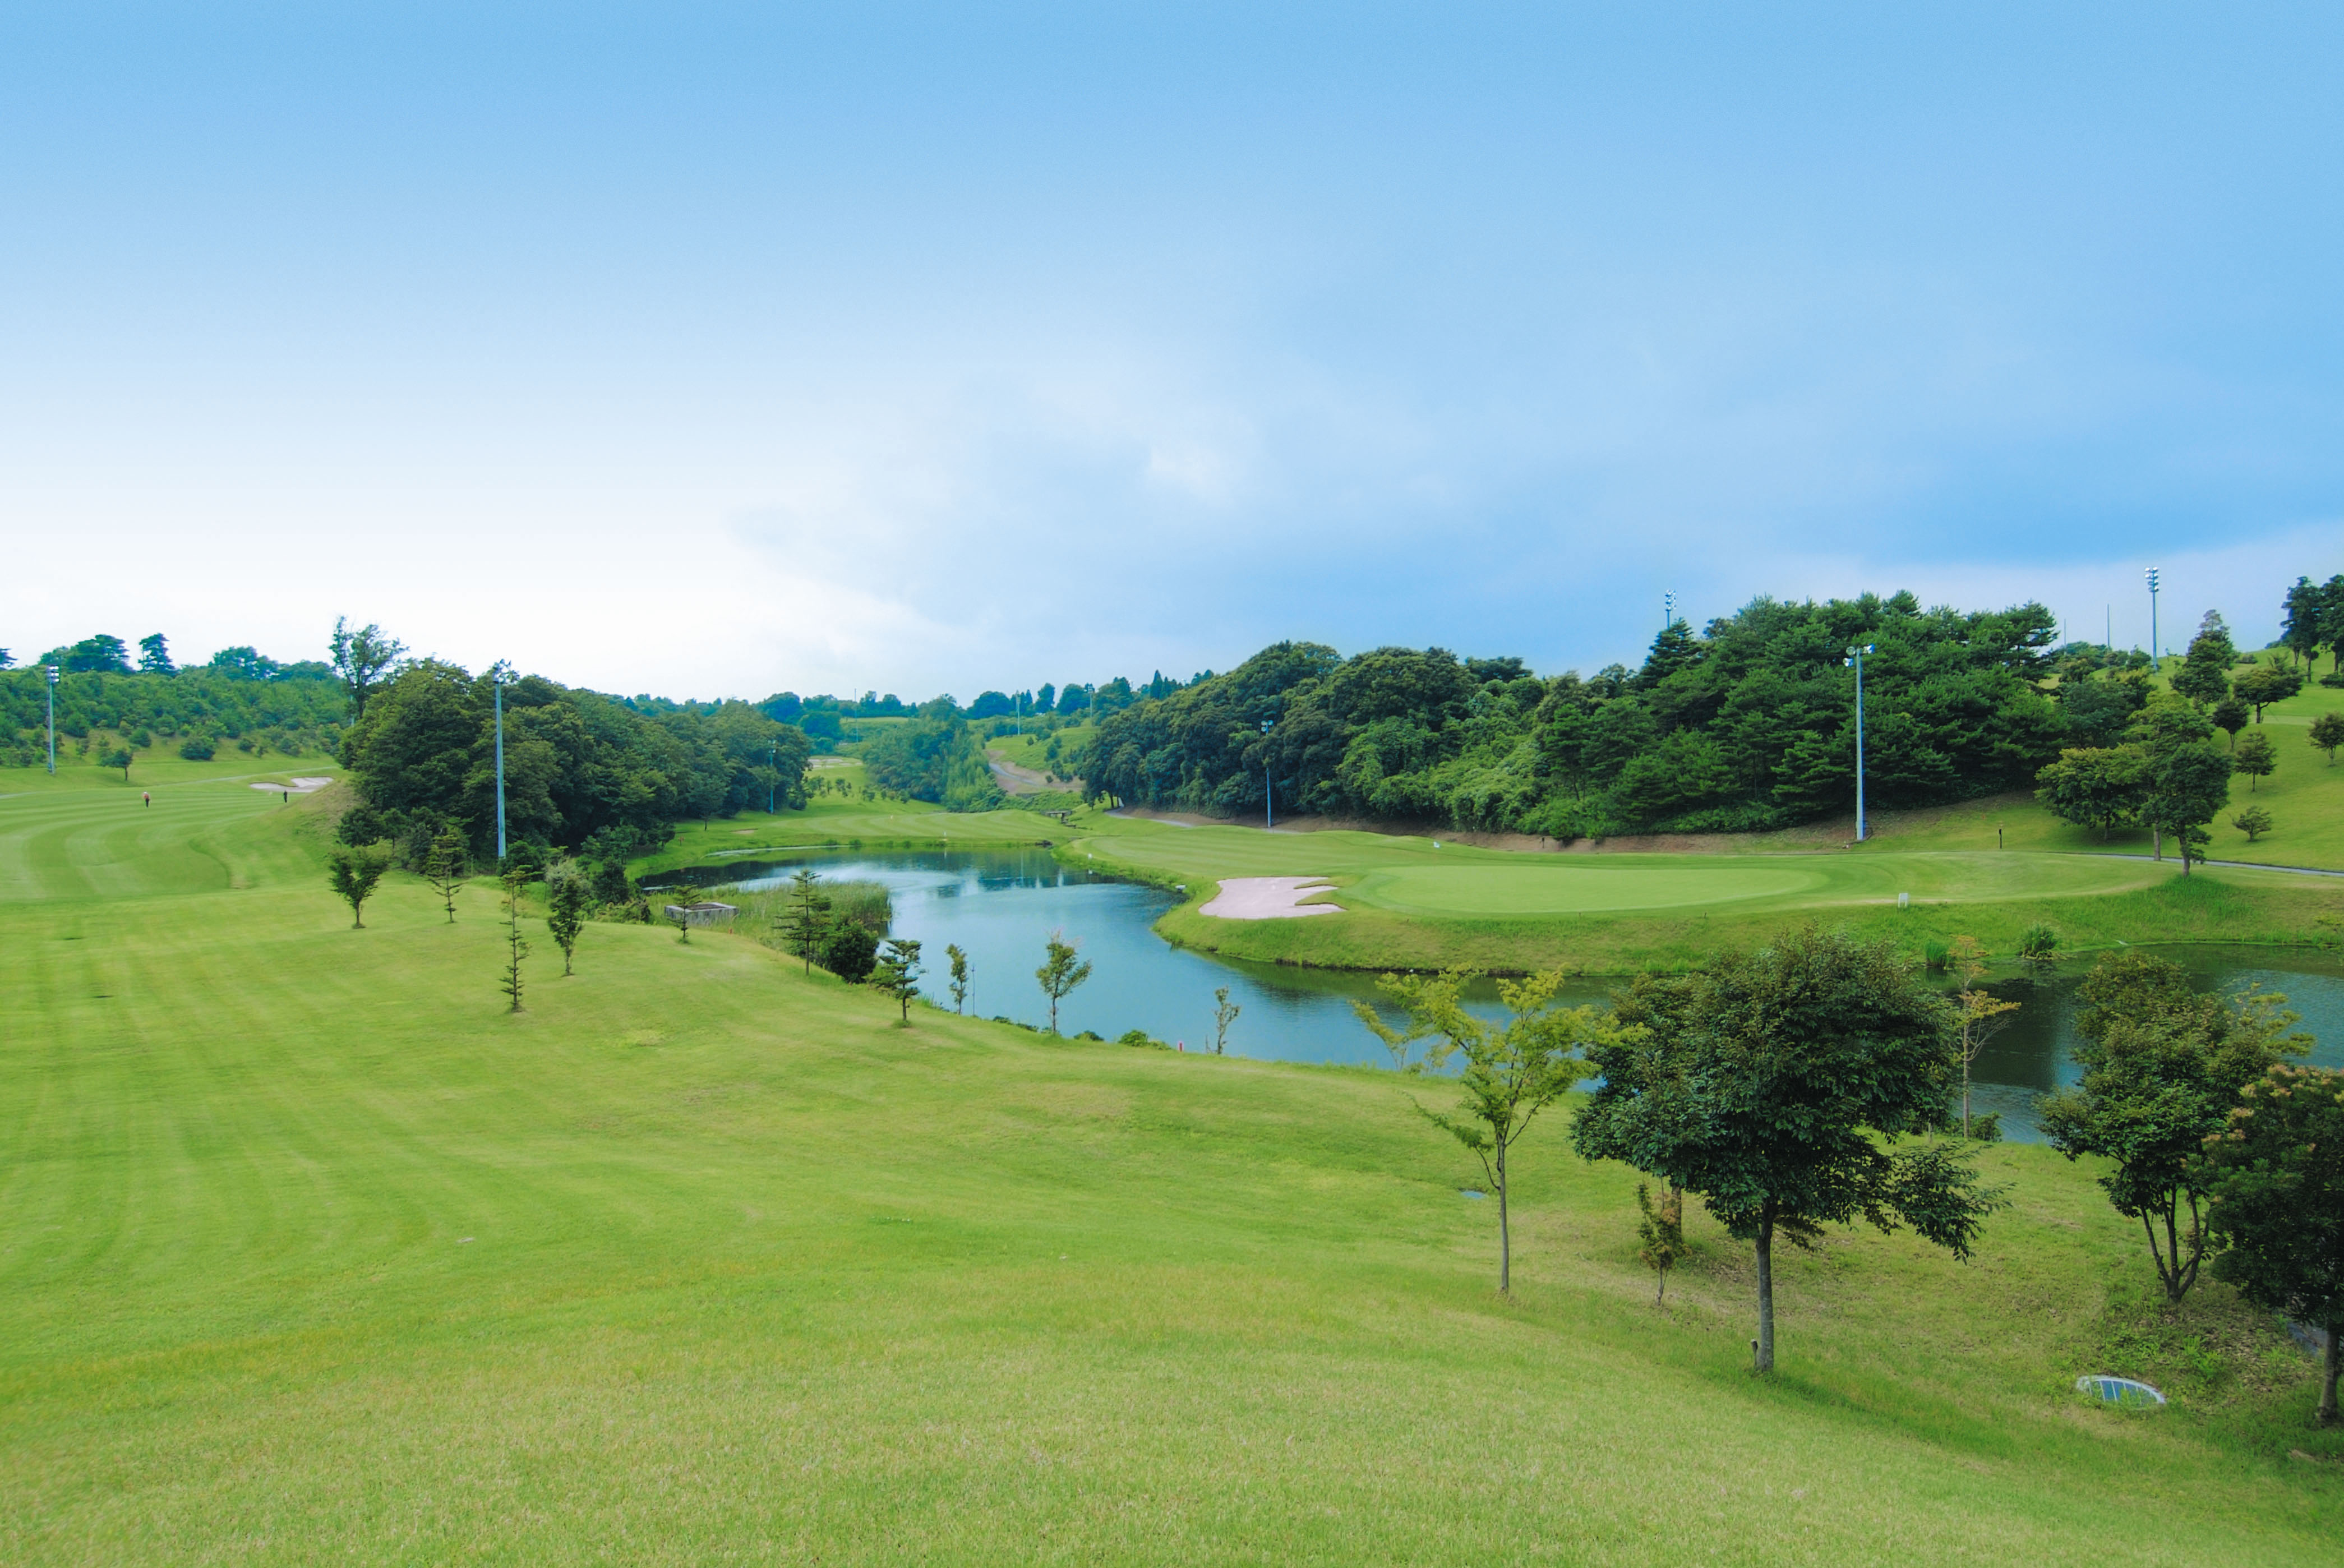 ムーンレイクゴルフクラブ市原コース